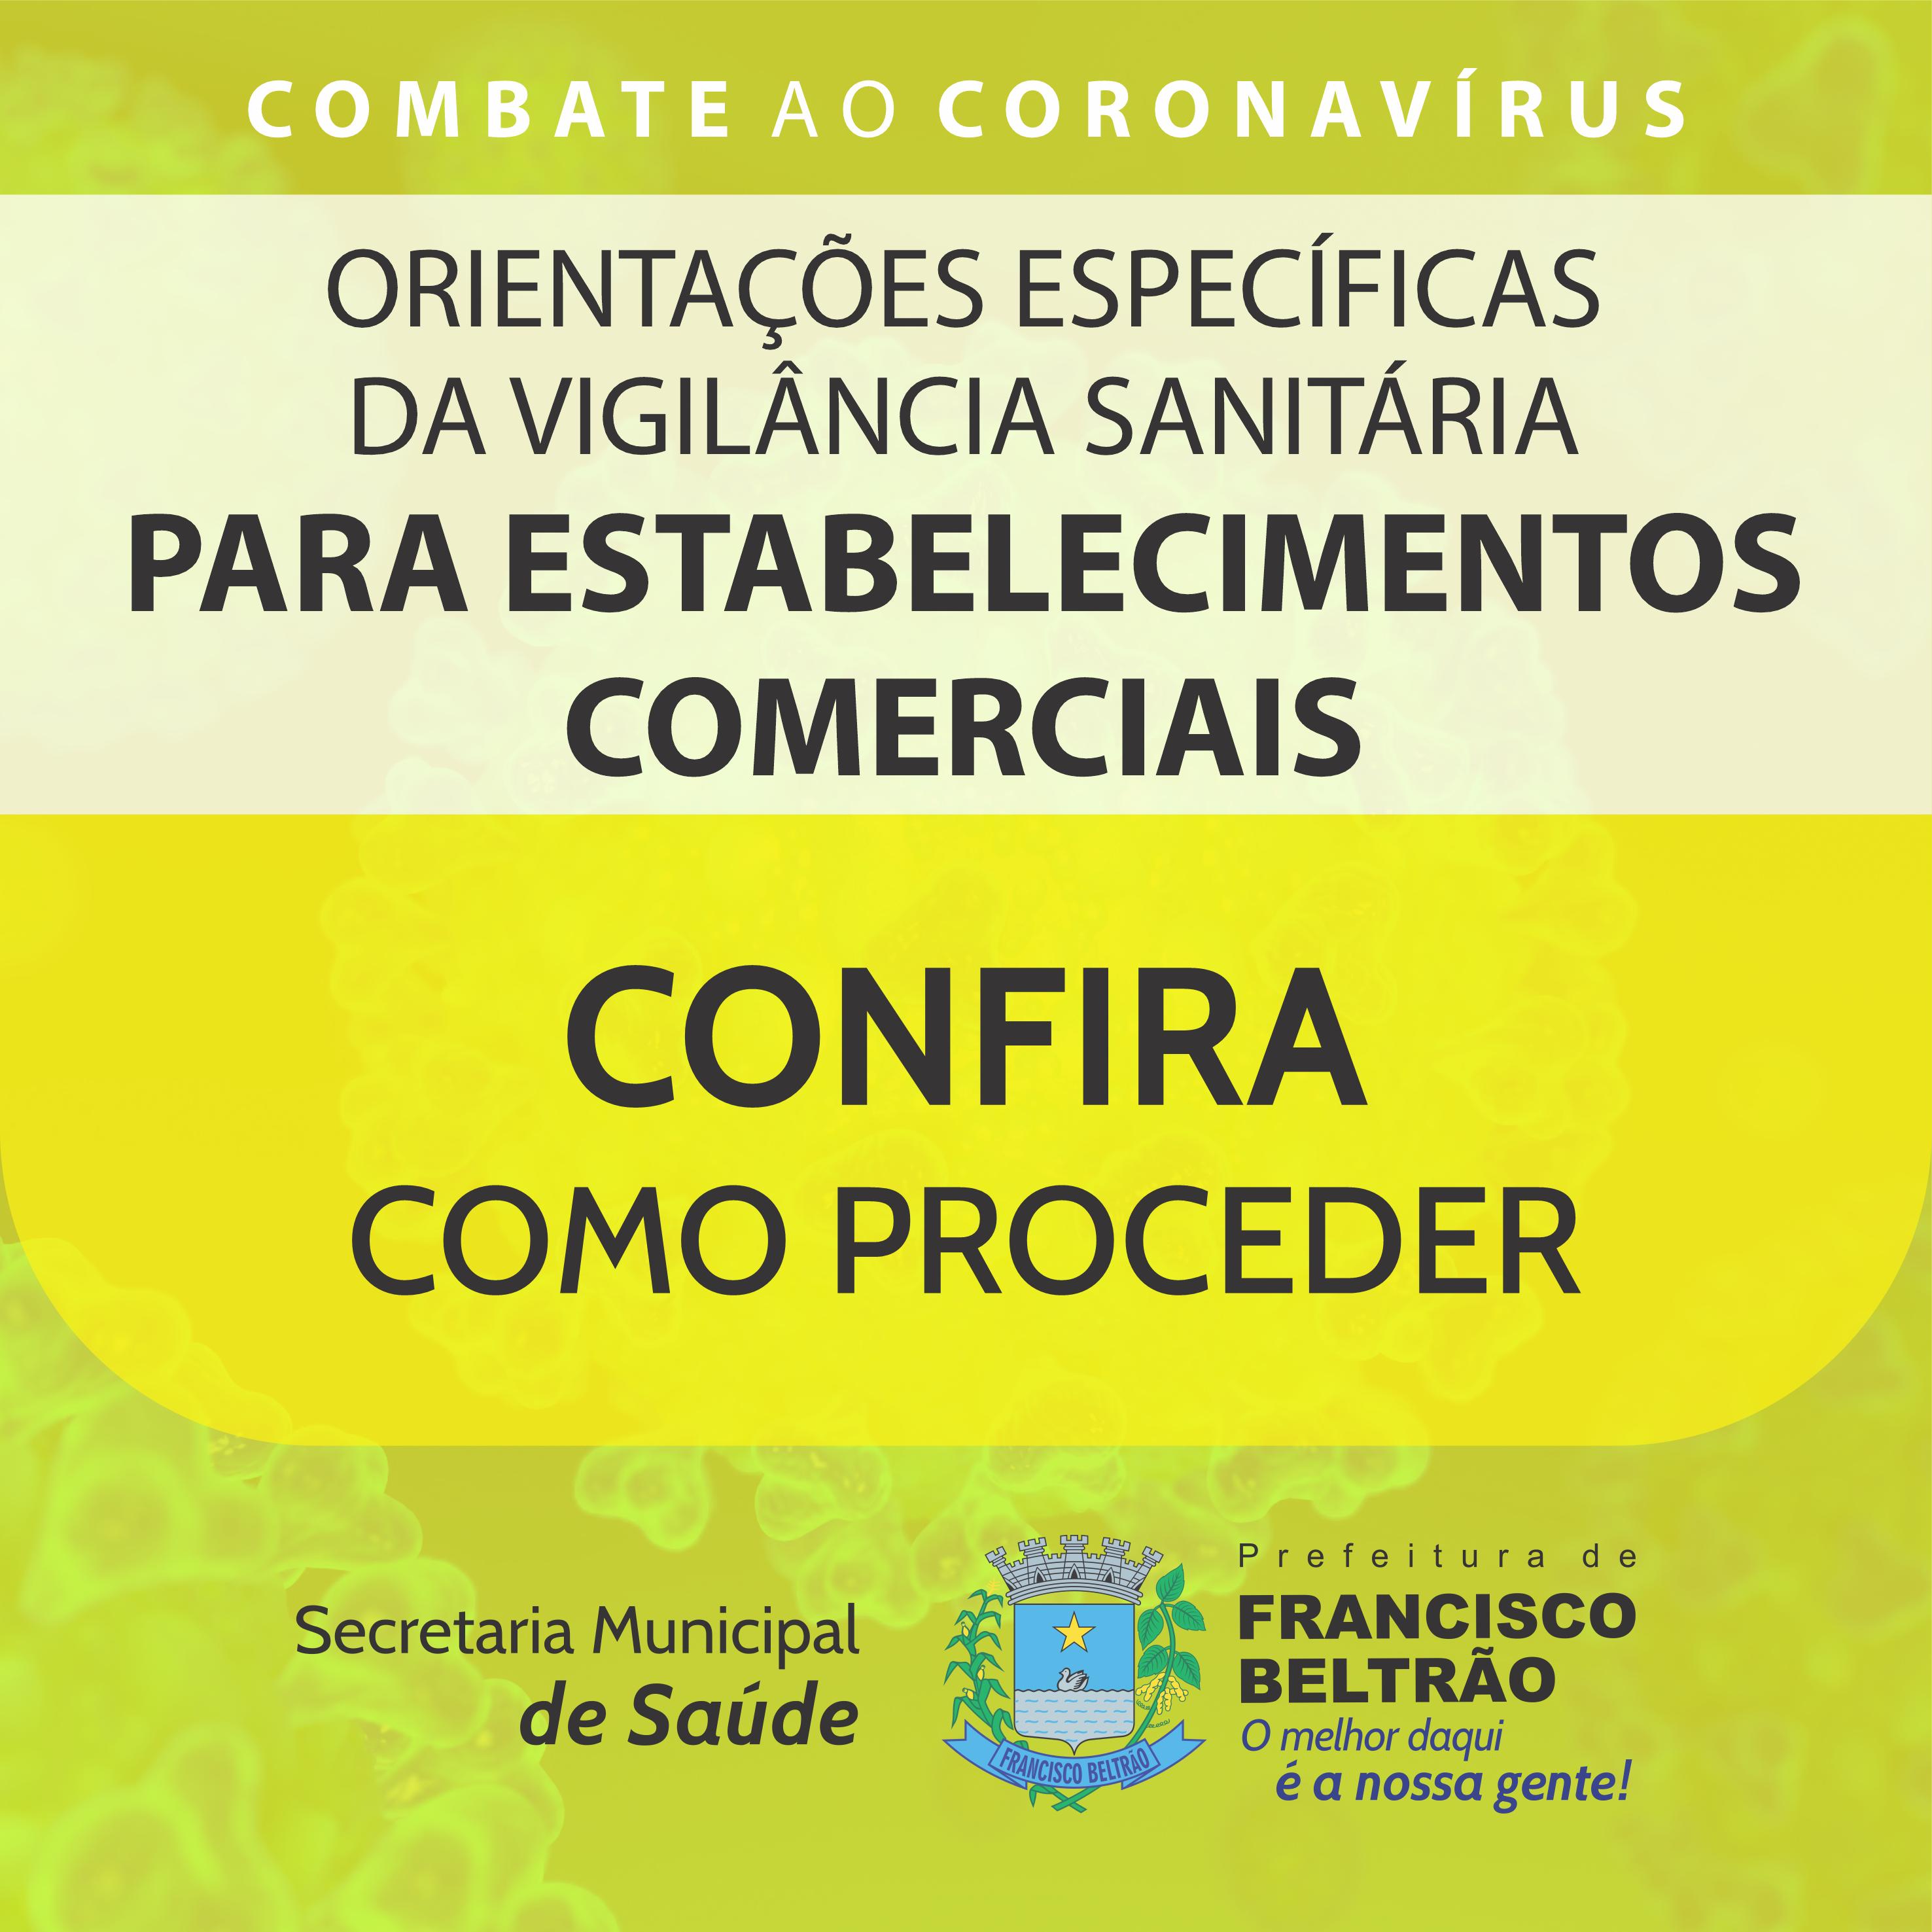 ORIENTAÇÕES ESPECÍFICAS ESTABELECIMENTOS COMERCIAIS